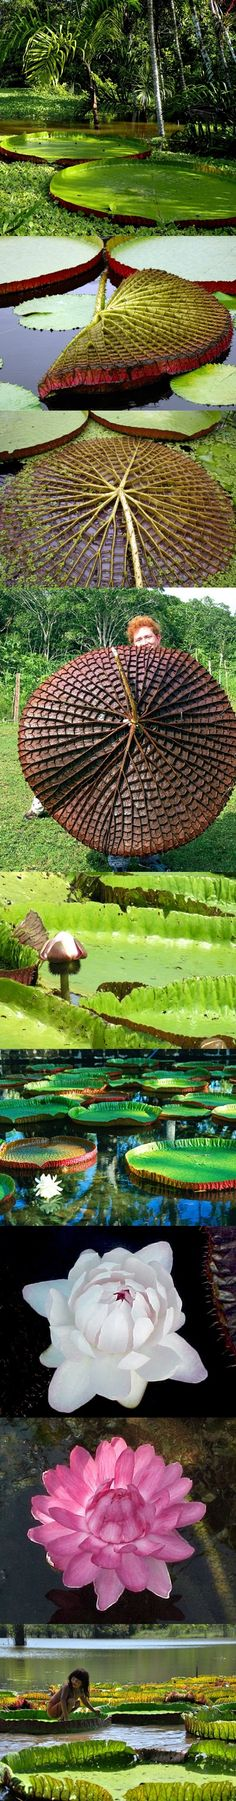 VITÓRIA-RÉGIA - é uma das maiores plantas aquáticas do mundo, suas folhas podem chegar até 2,5 mts e  são capazes de suportar uma carga de até quarenta quilos, sem afundar na água. Suas flores brotam de março até julho e podem ser, branca, roxa, lilás, rosa e amarela e exala um delicioso perfume. Sua raiz é consumida pelos índios como alimento e tintura. Outros nomes:  irupé, uapé, aguapé, jaçanã, nampé, rainha-dos-lagos. Seu nome popular é em homenagem a rainha Vitória. Amazônia - Brasil.